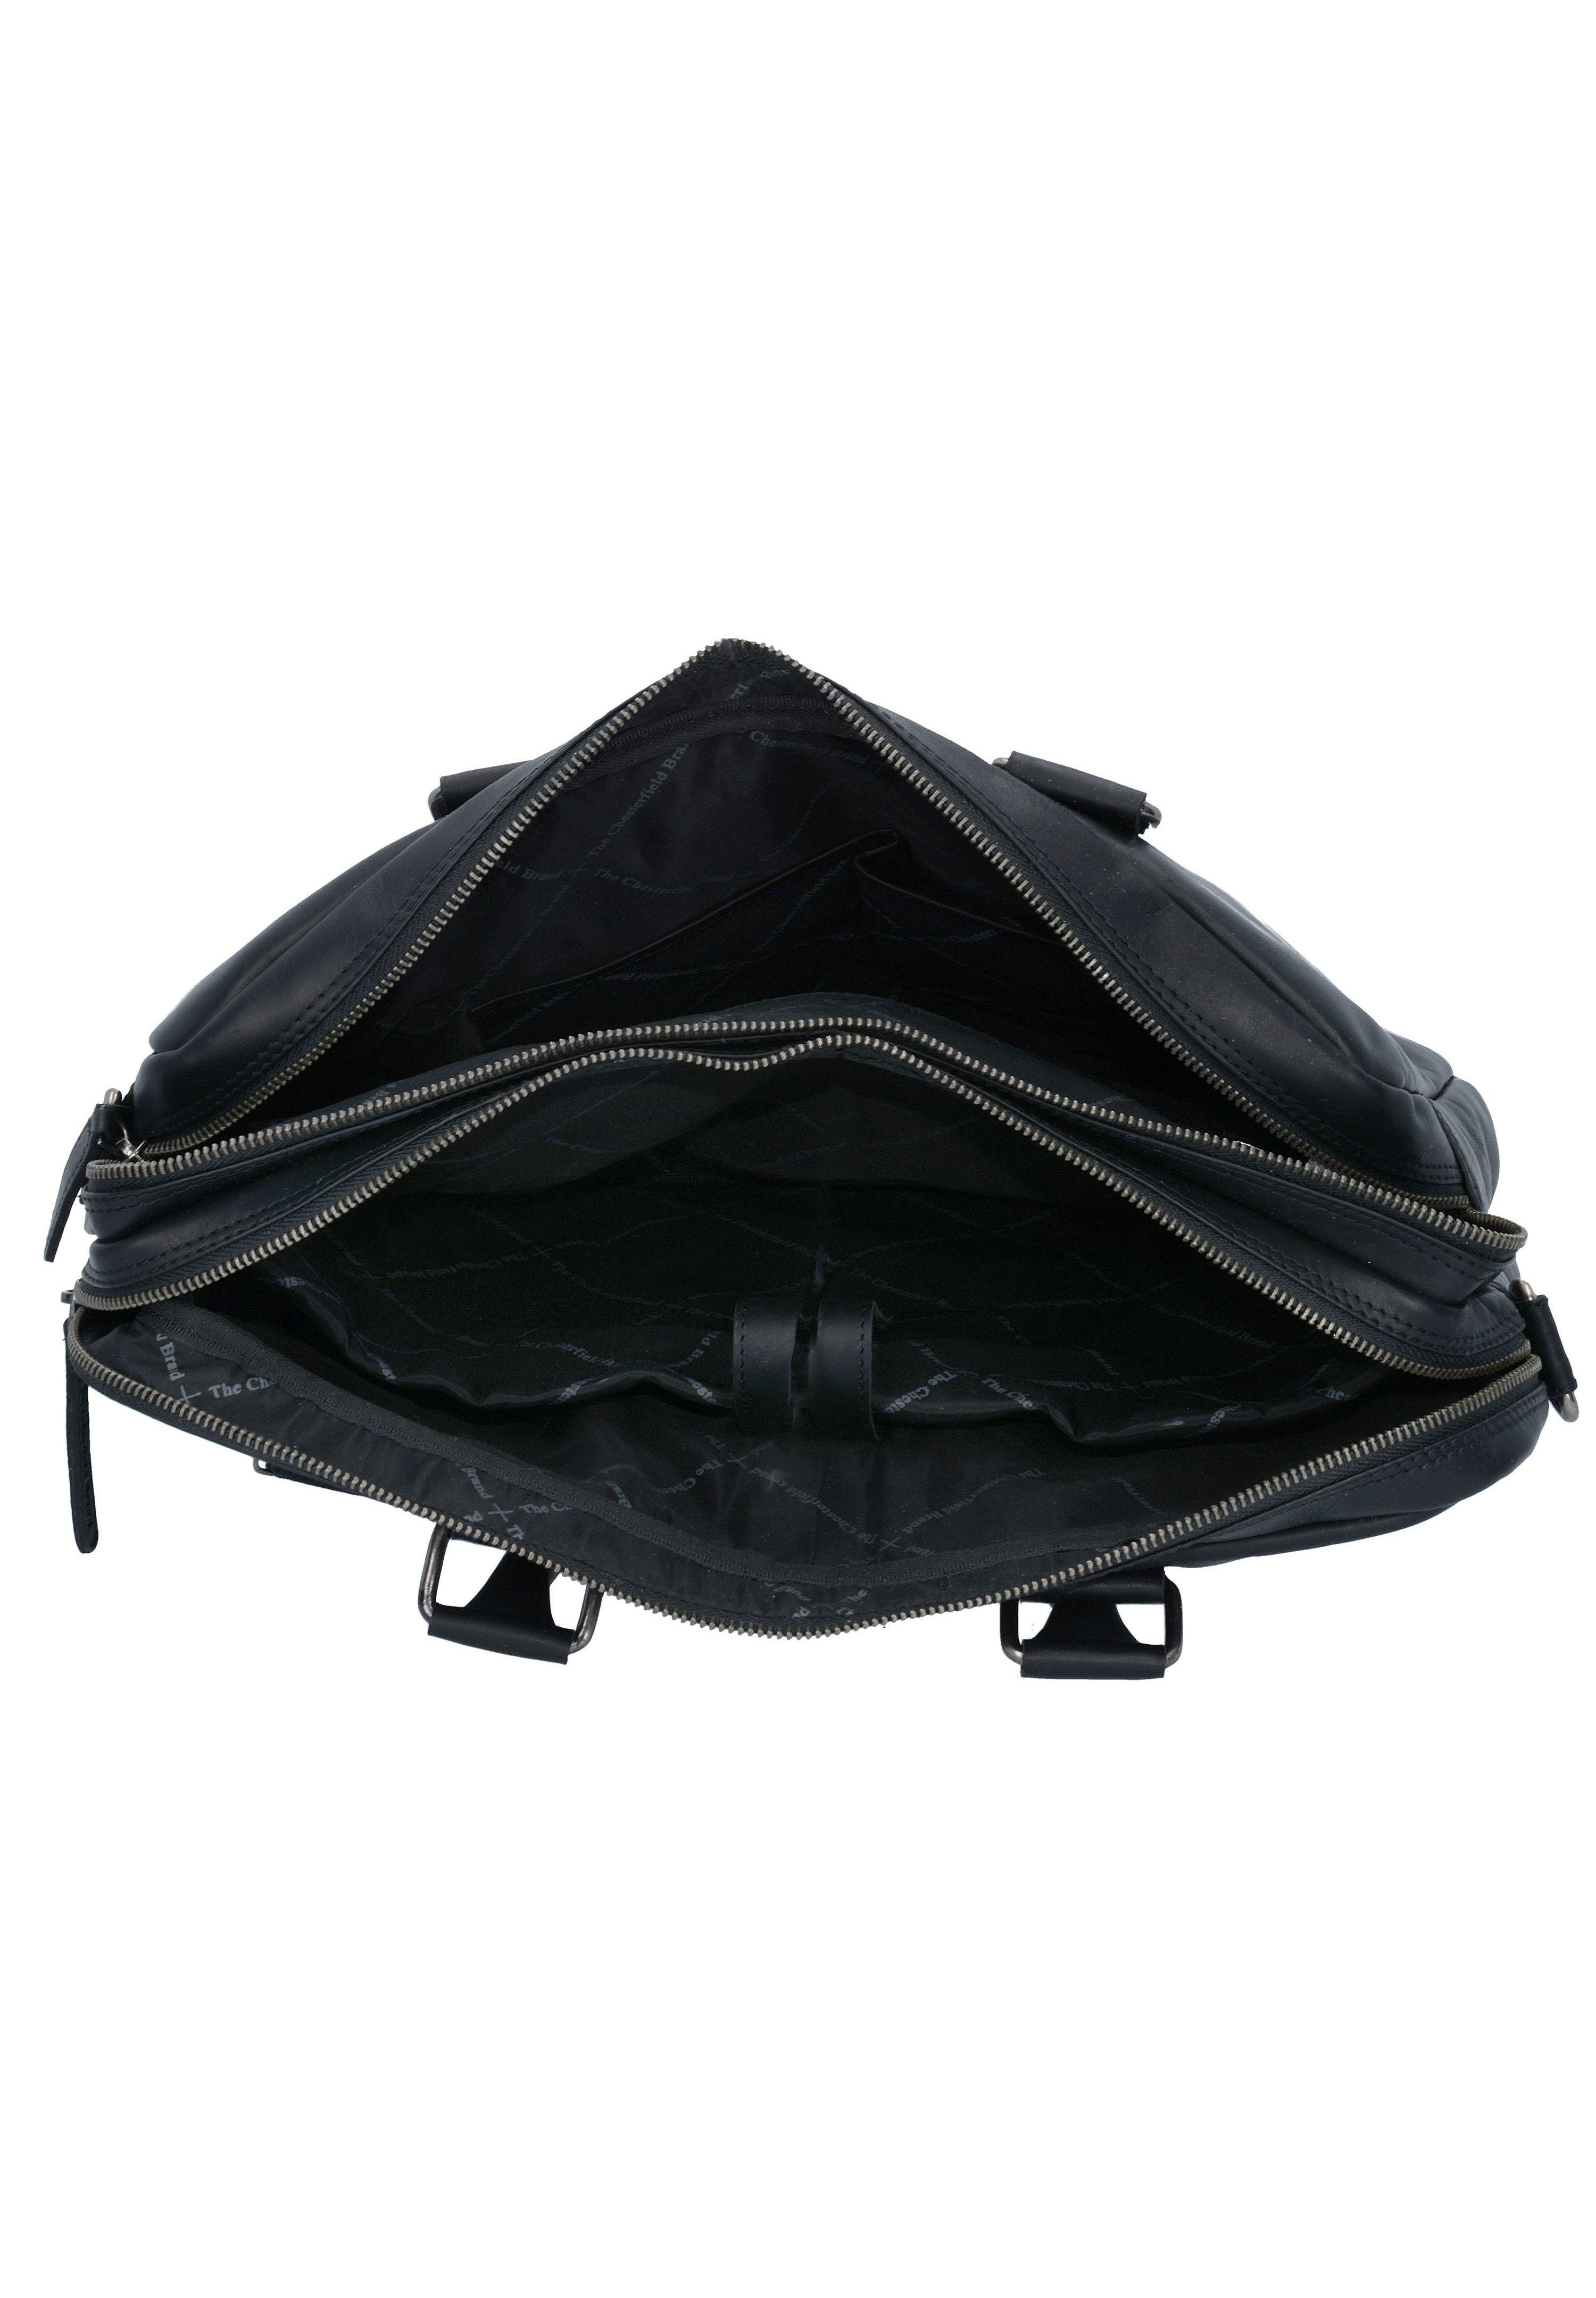 The Chesterfield Brand Aktentasche - schwarz - Herrentaschen t8qPy